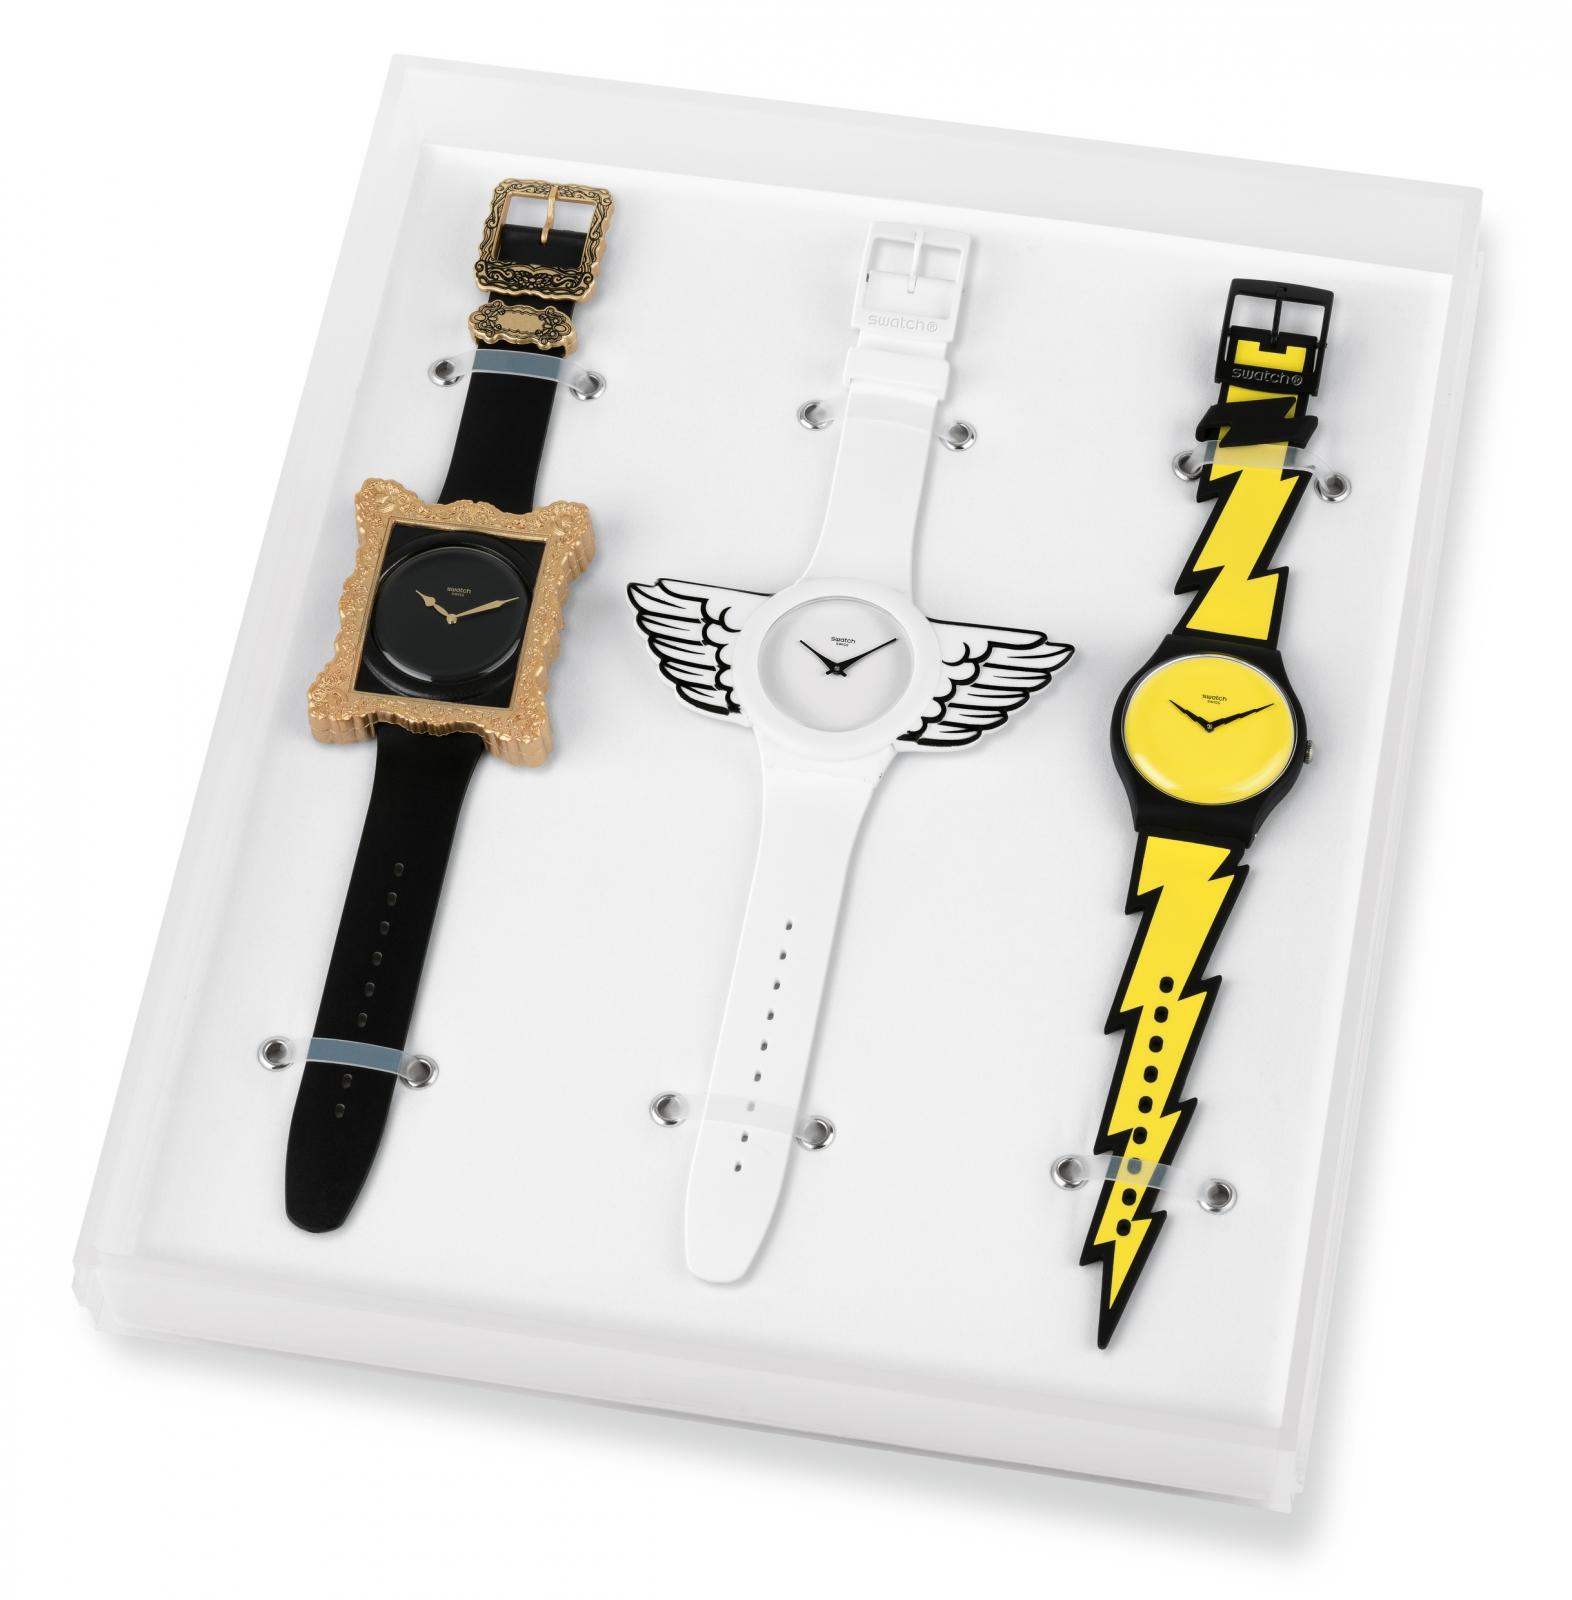 New swatch designs by Jeremy Scott